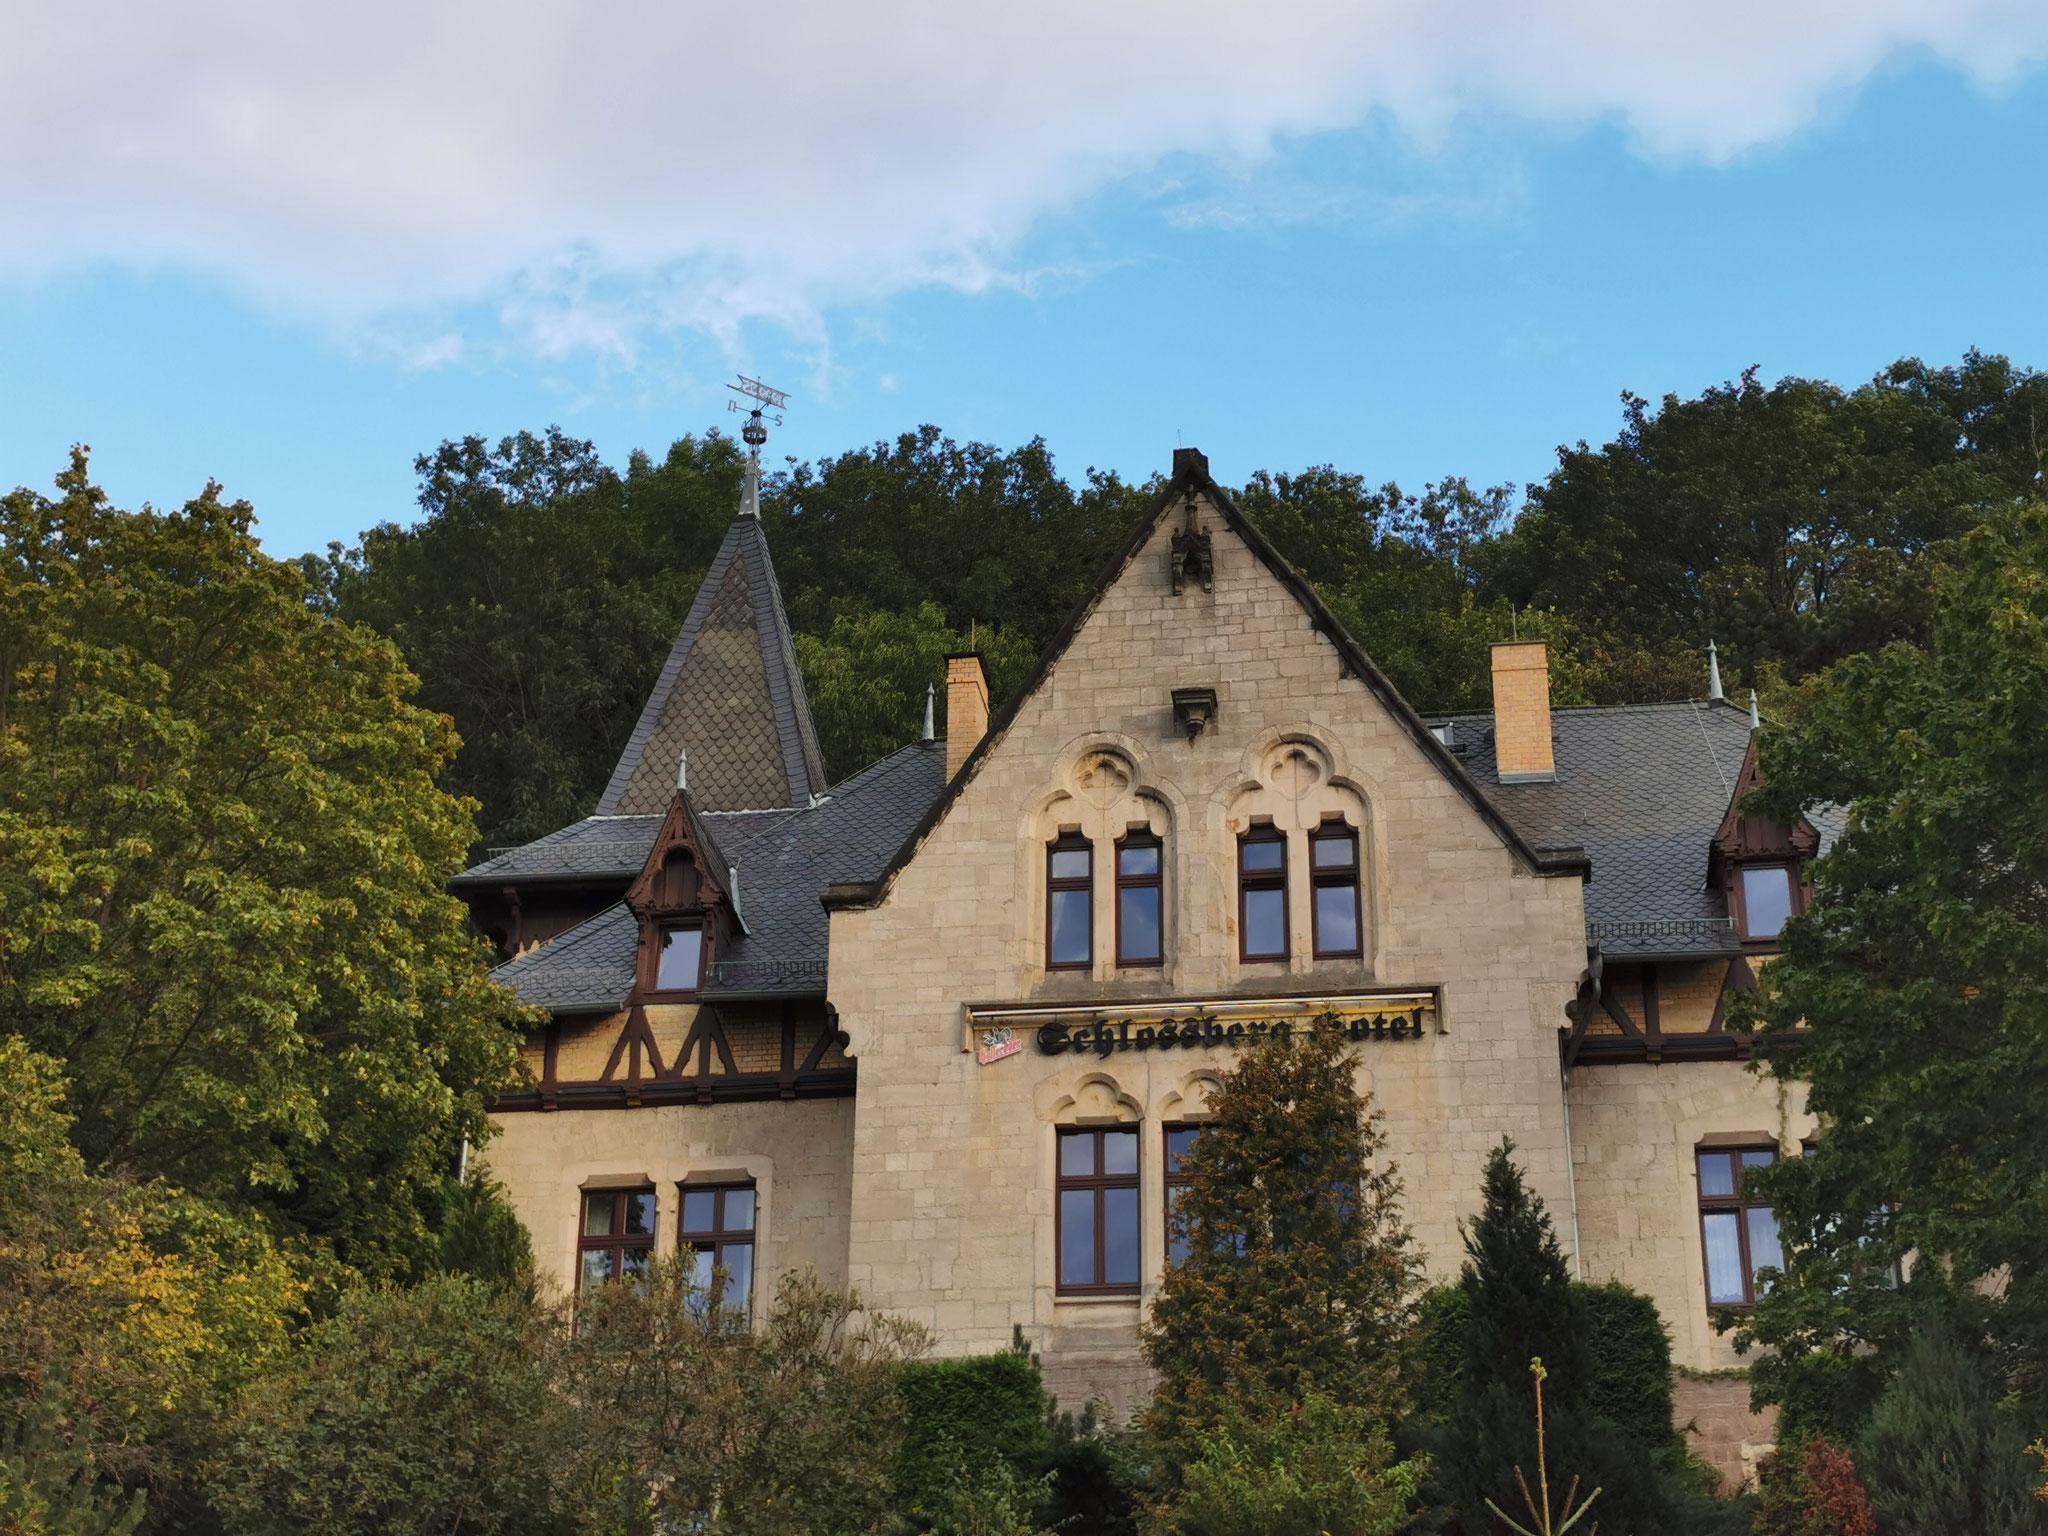 Schlossberghotel Wernigerode (Villa)